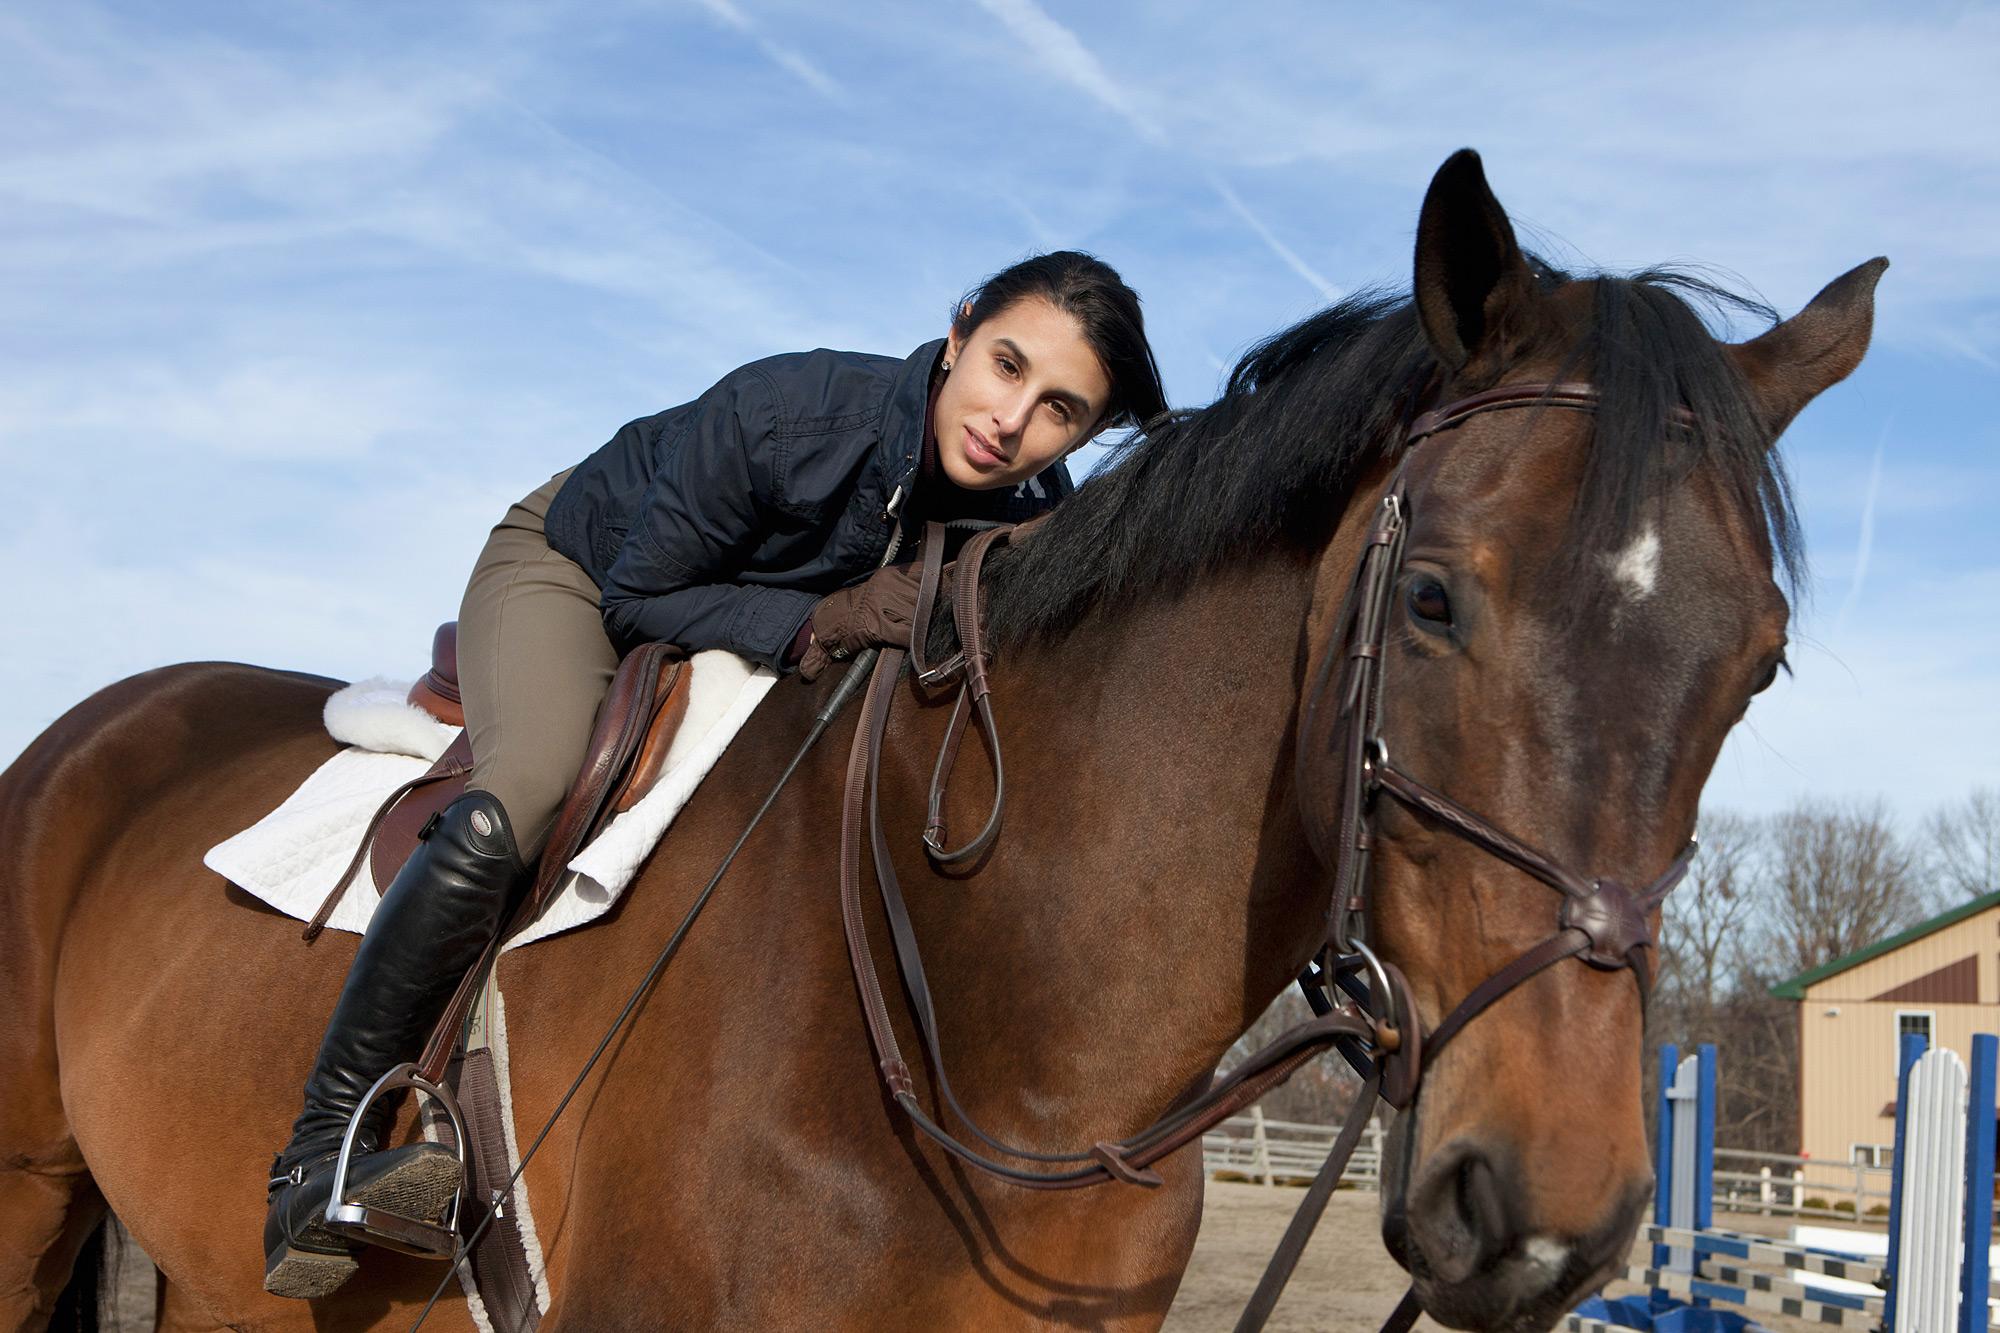 CareyKirkella_111119_Horses_0675.jpg